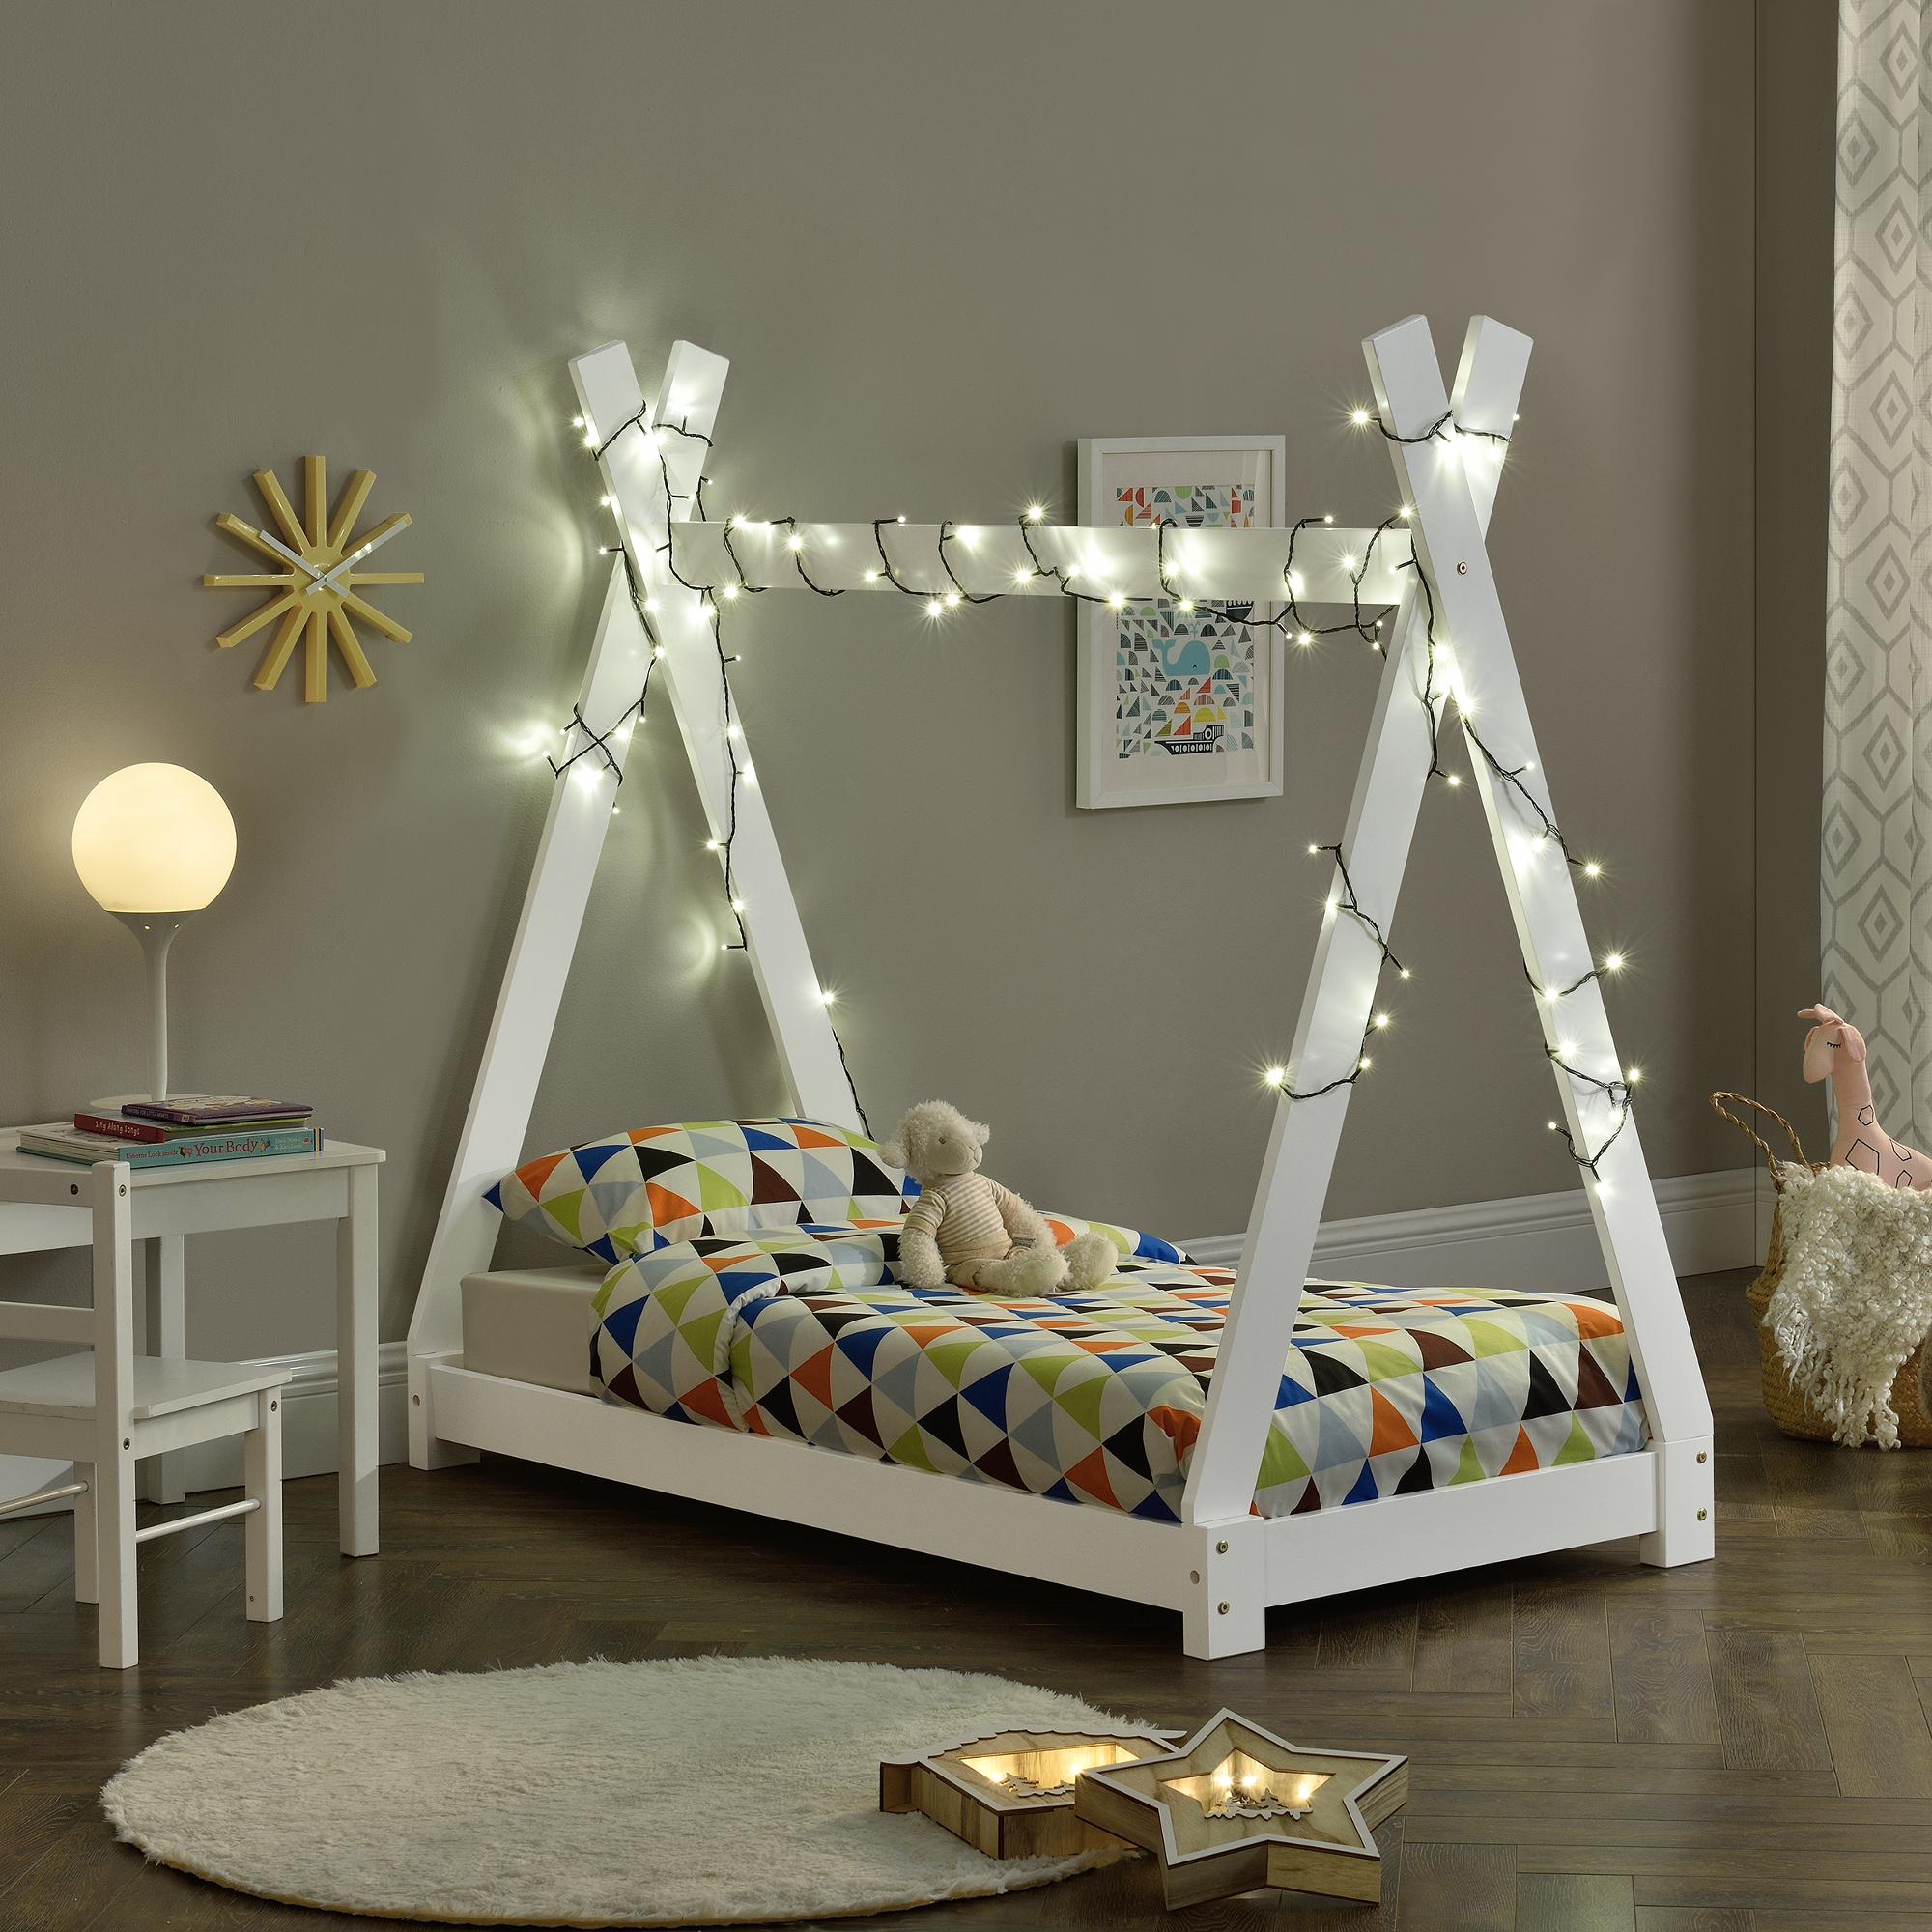 Deco Latte De Bois détails sur en.casa lit de tipi enfant naturel avec sommier à lattes bois  140x70cm blanc